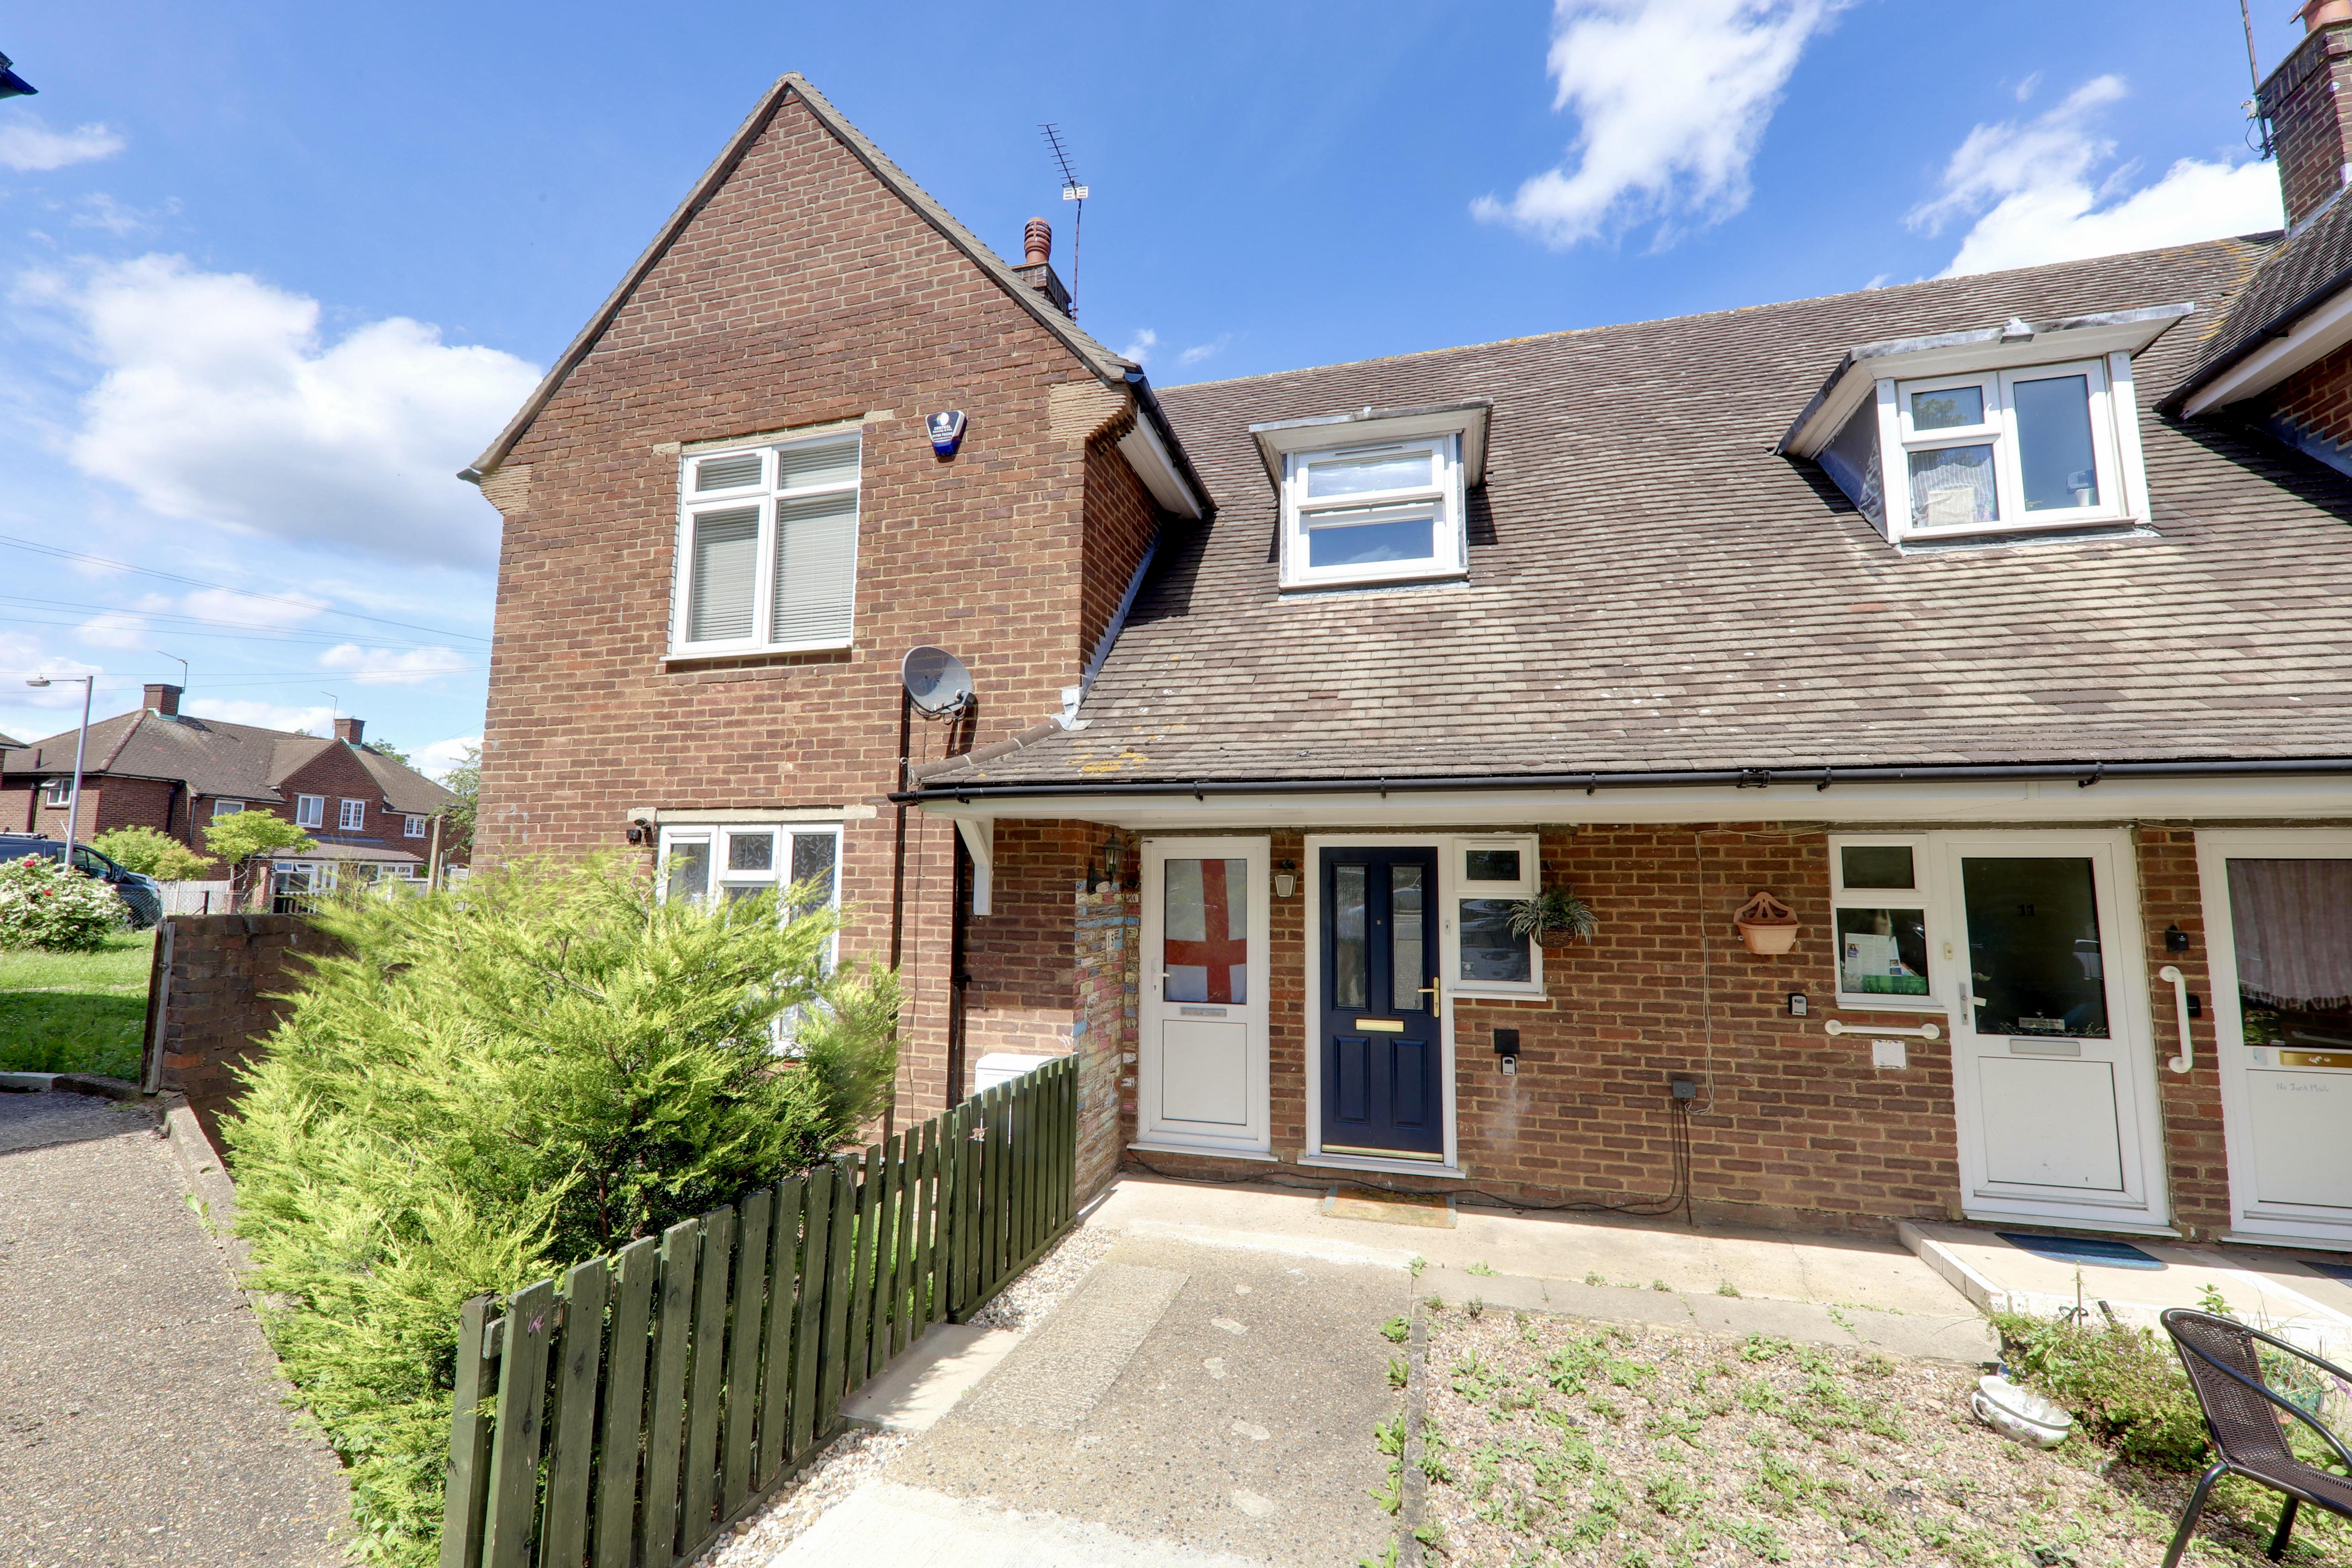 Blackmore Road, Buckhurst Hill, Essex